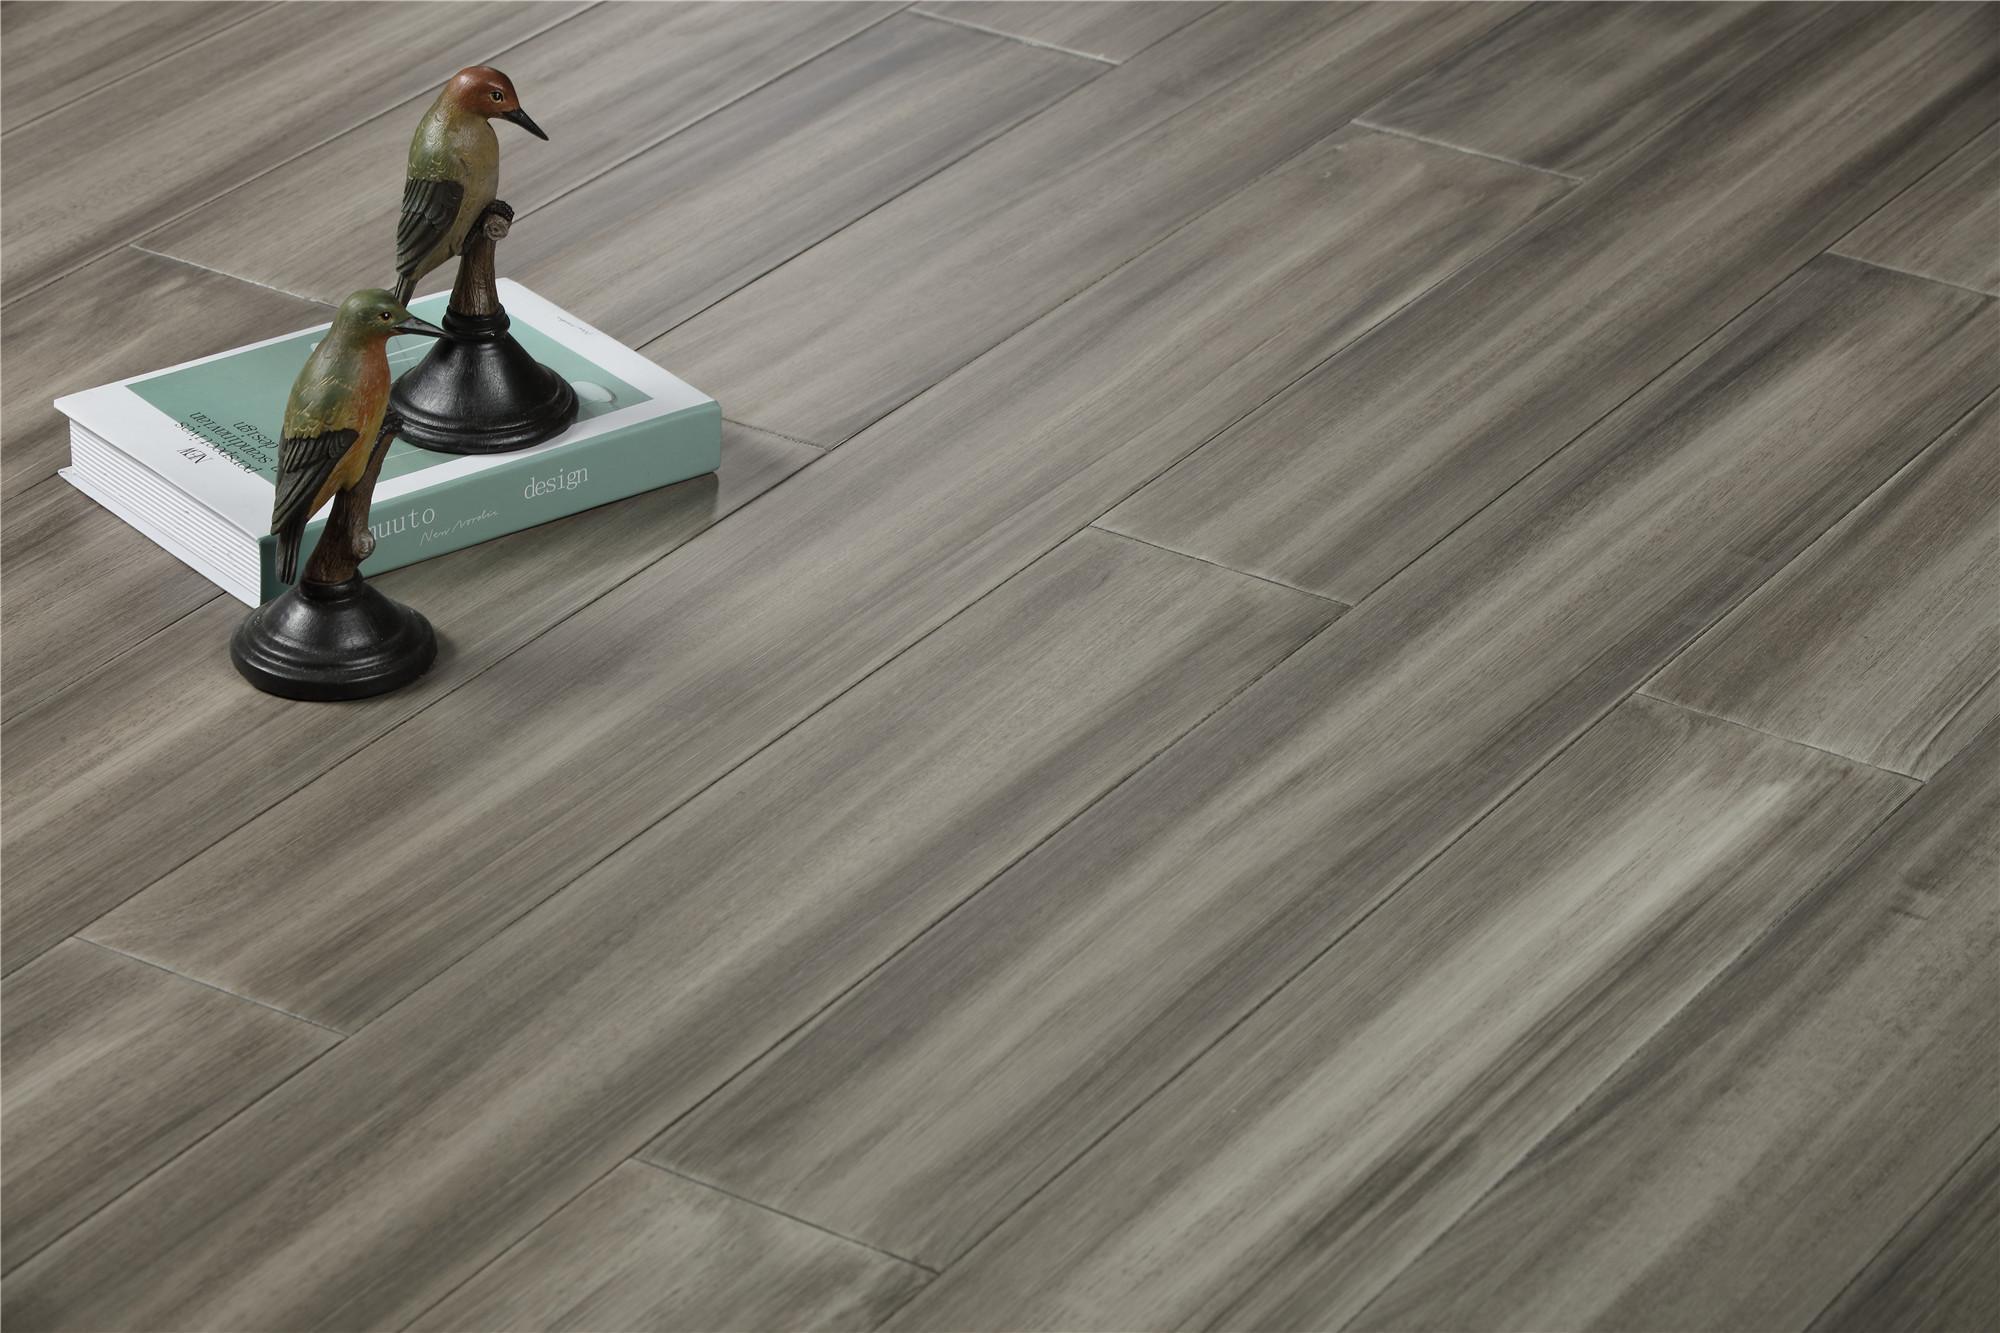 騰訊家居地板熱門產品推薦——未來家地板FHGLS013-02秋水長天